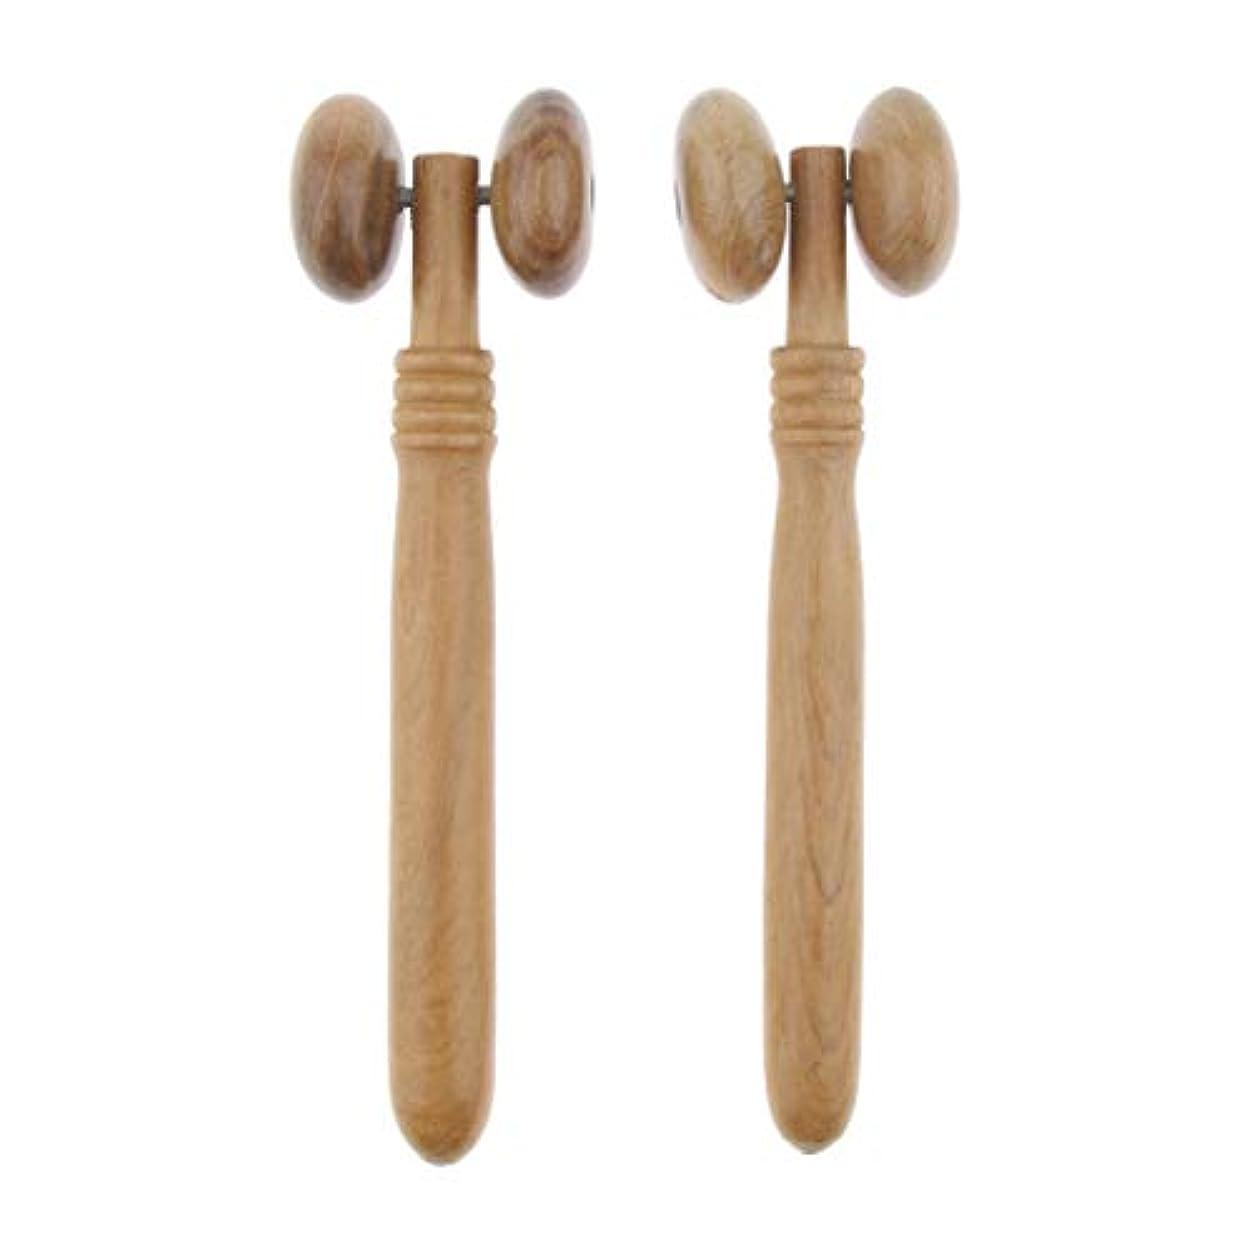 ファウル二次宮殿Perfeclan フェイスローラー マッサージャー 木製 按摩器 手動式 首 顔 ネック ボディ 多機能 使いやすい